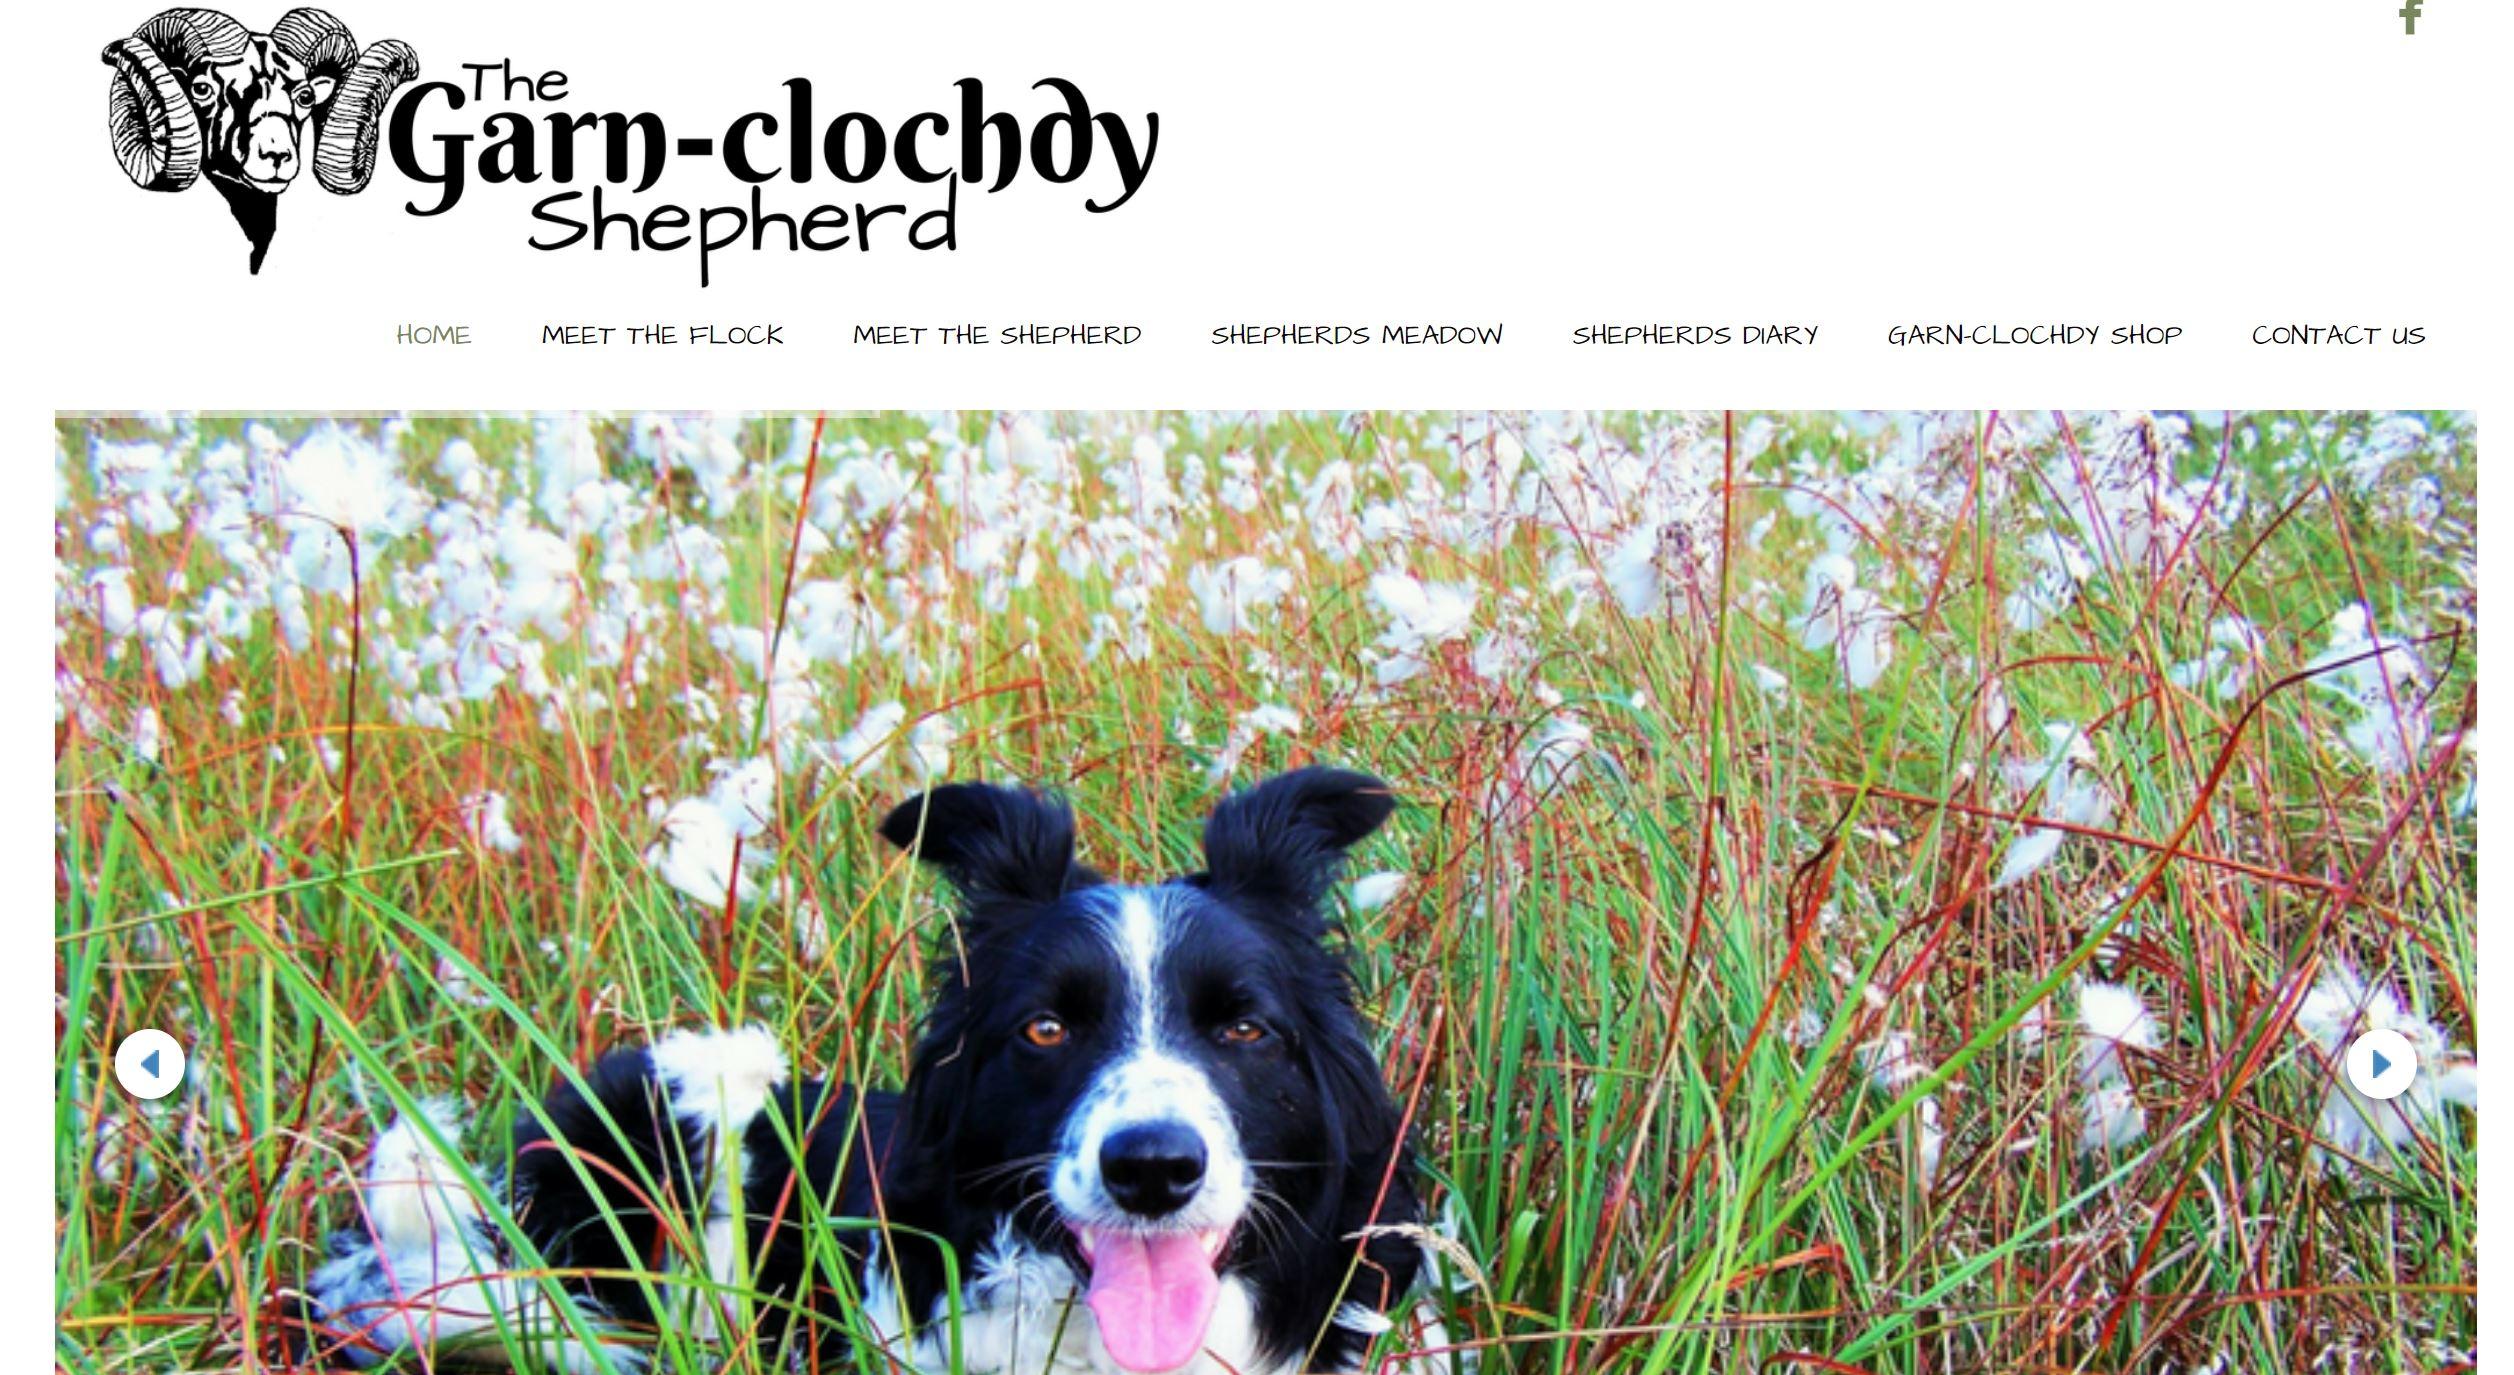 Website Snip Garnclochdy